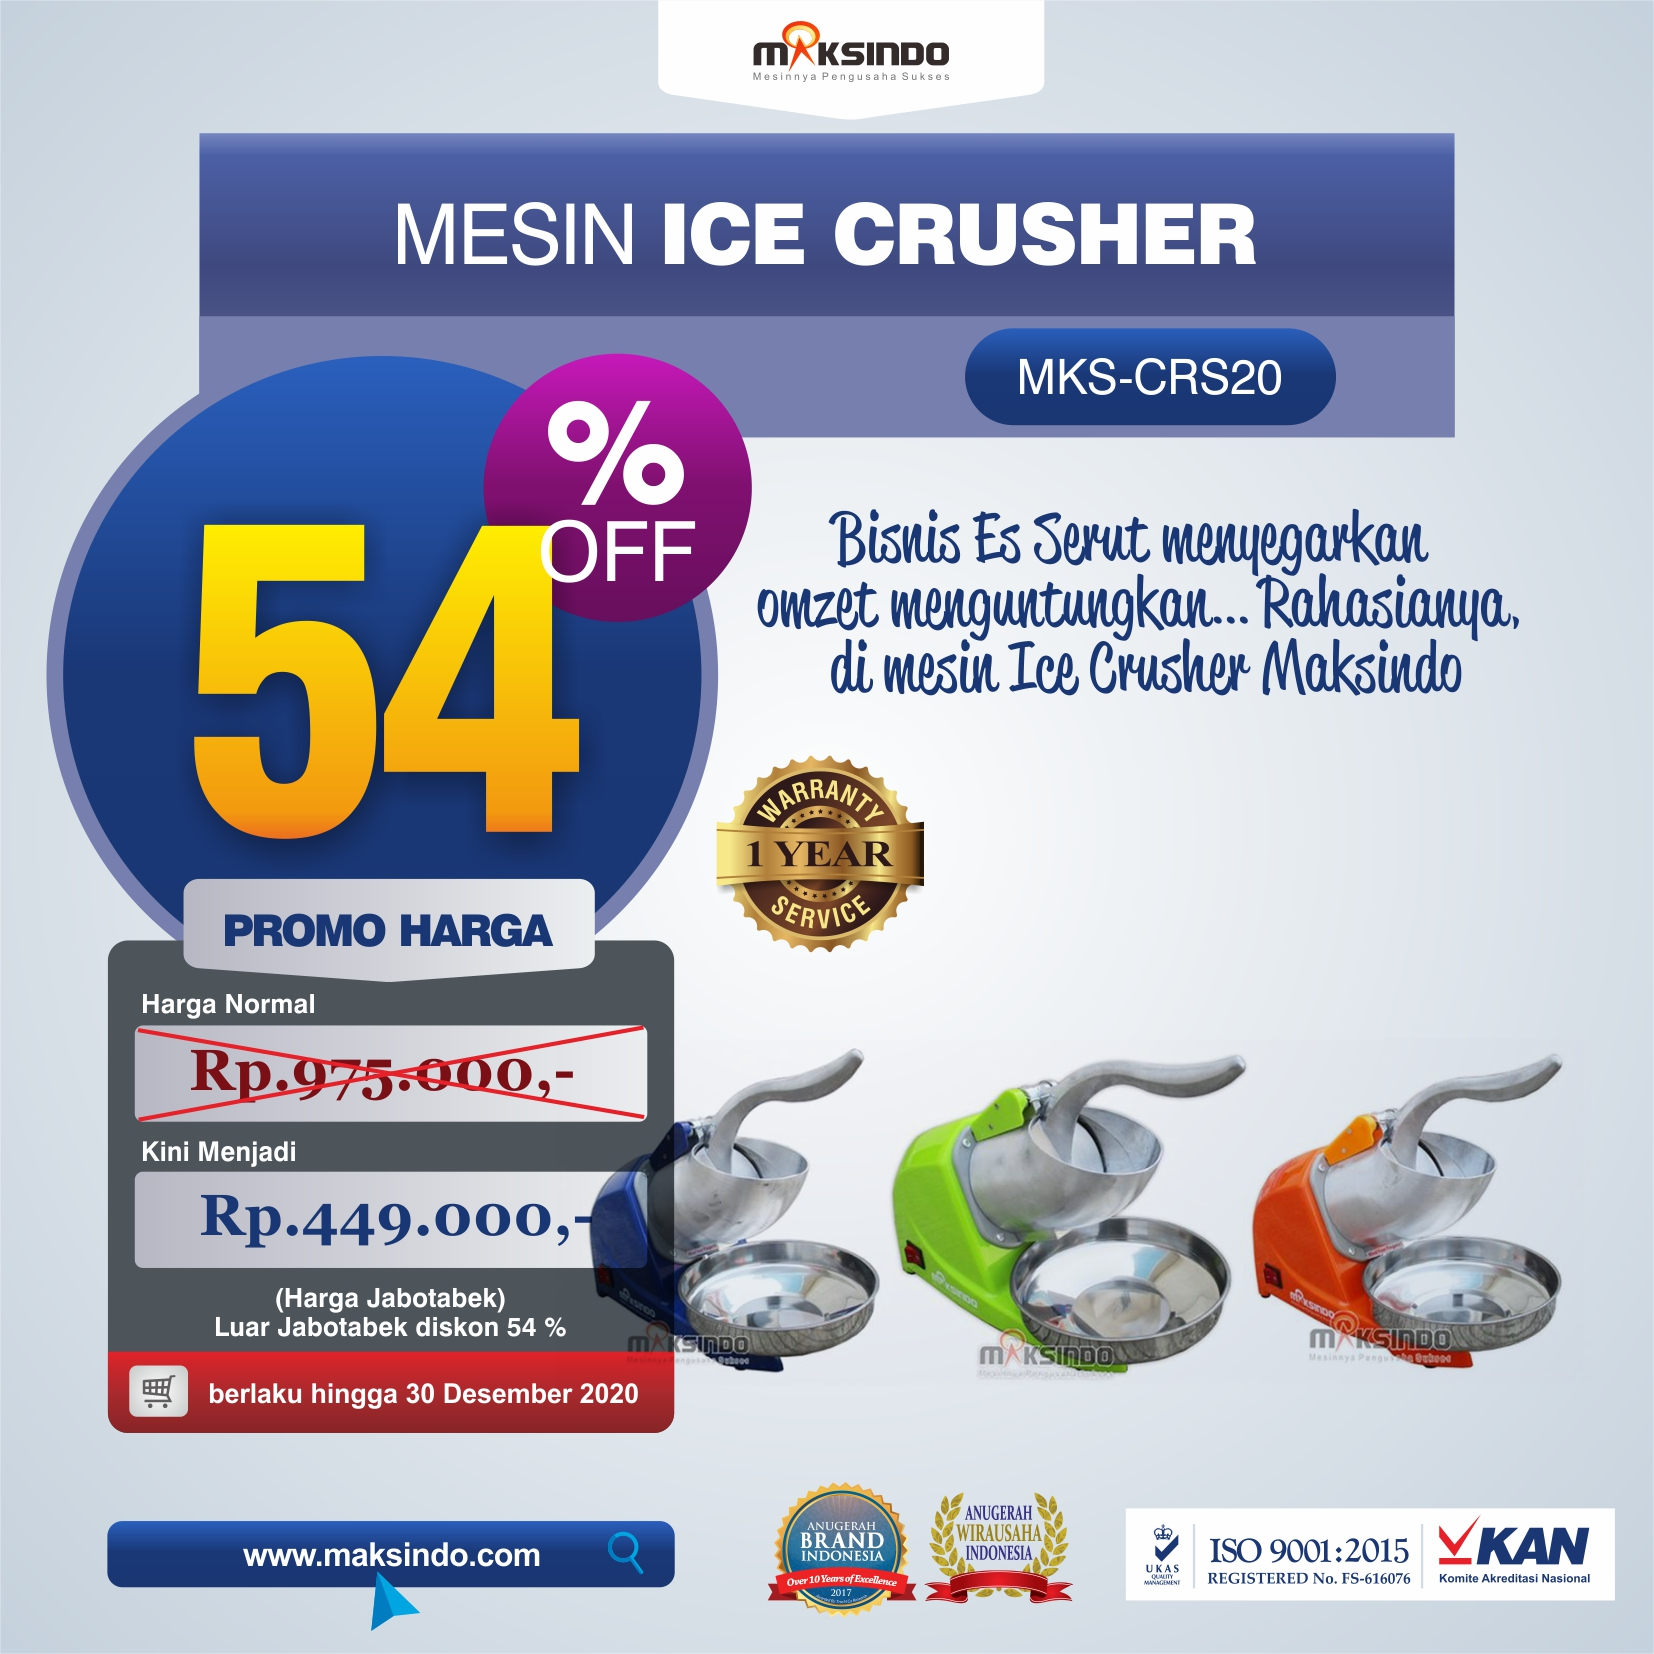 Jual Mesin Ice Crusher MKS-CRS20 di Malang